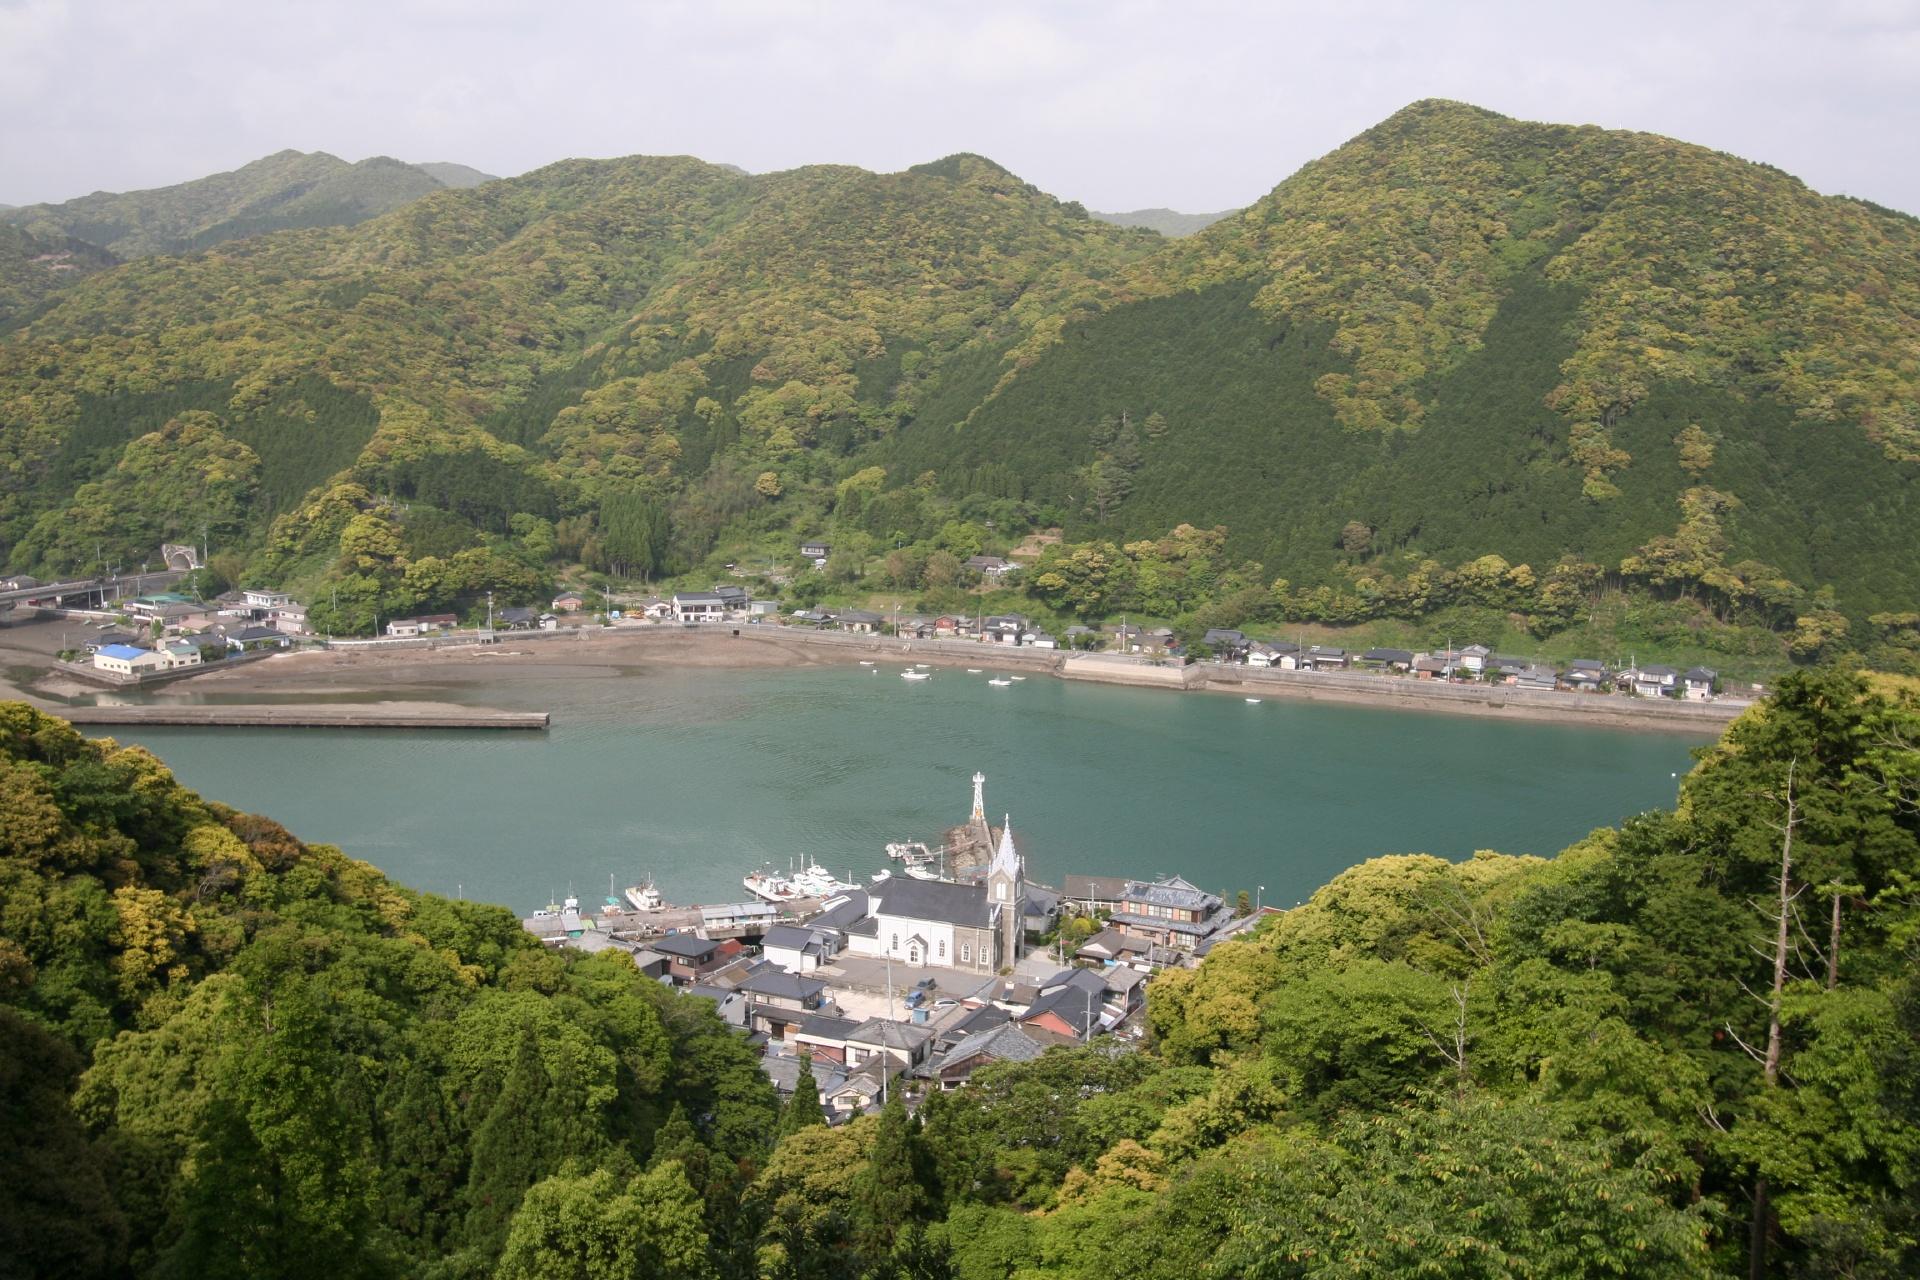 﨑津教会と崎津集落の風景 熊本の風景